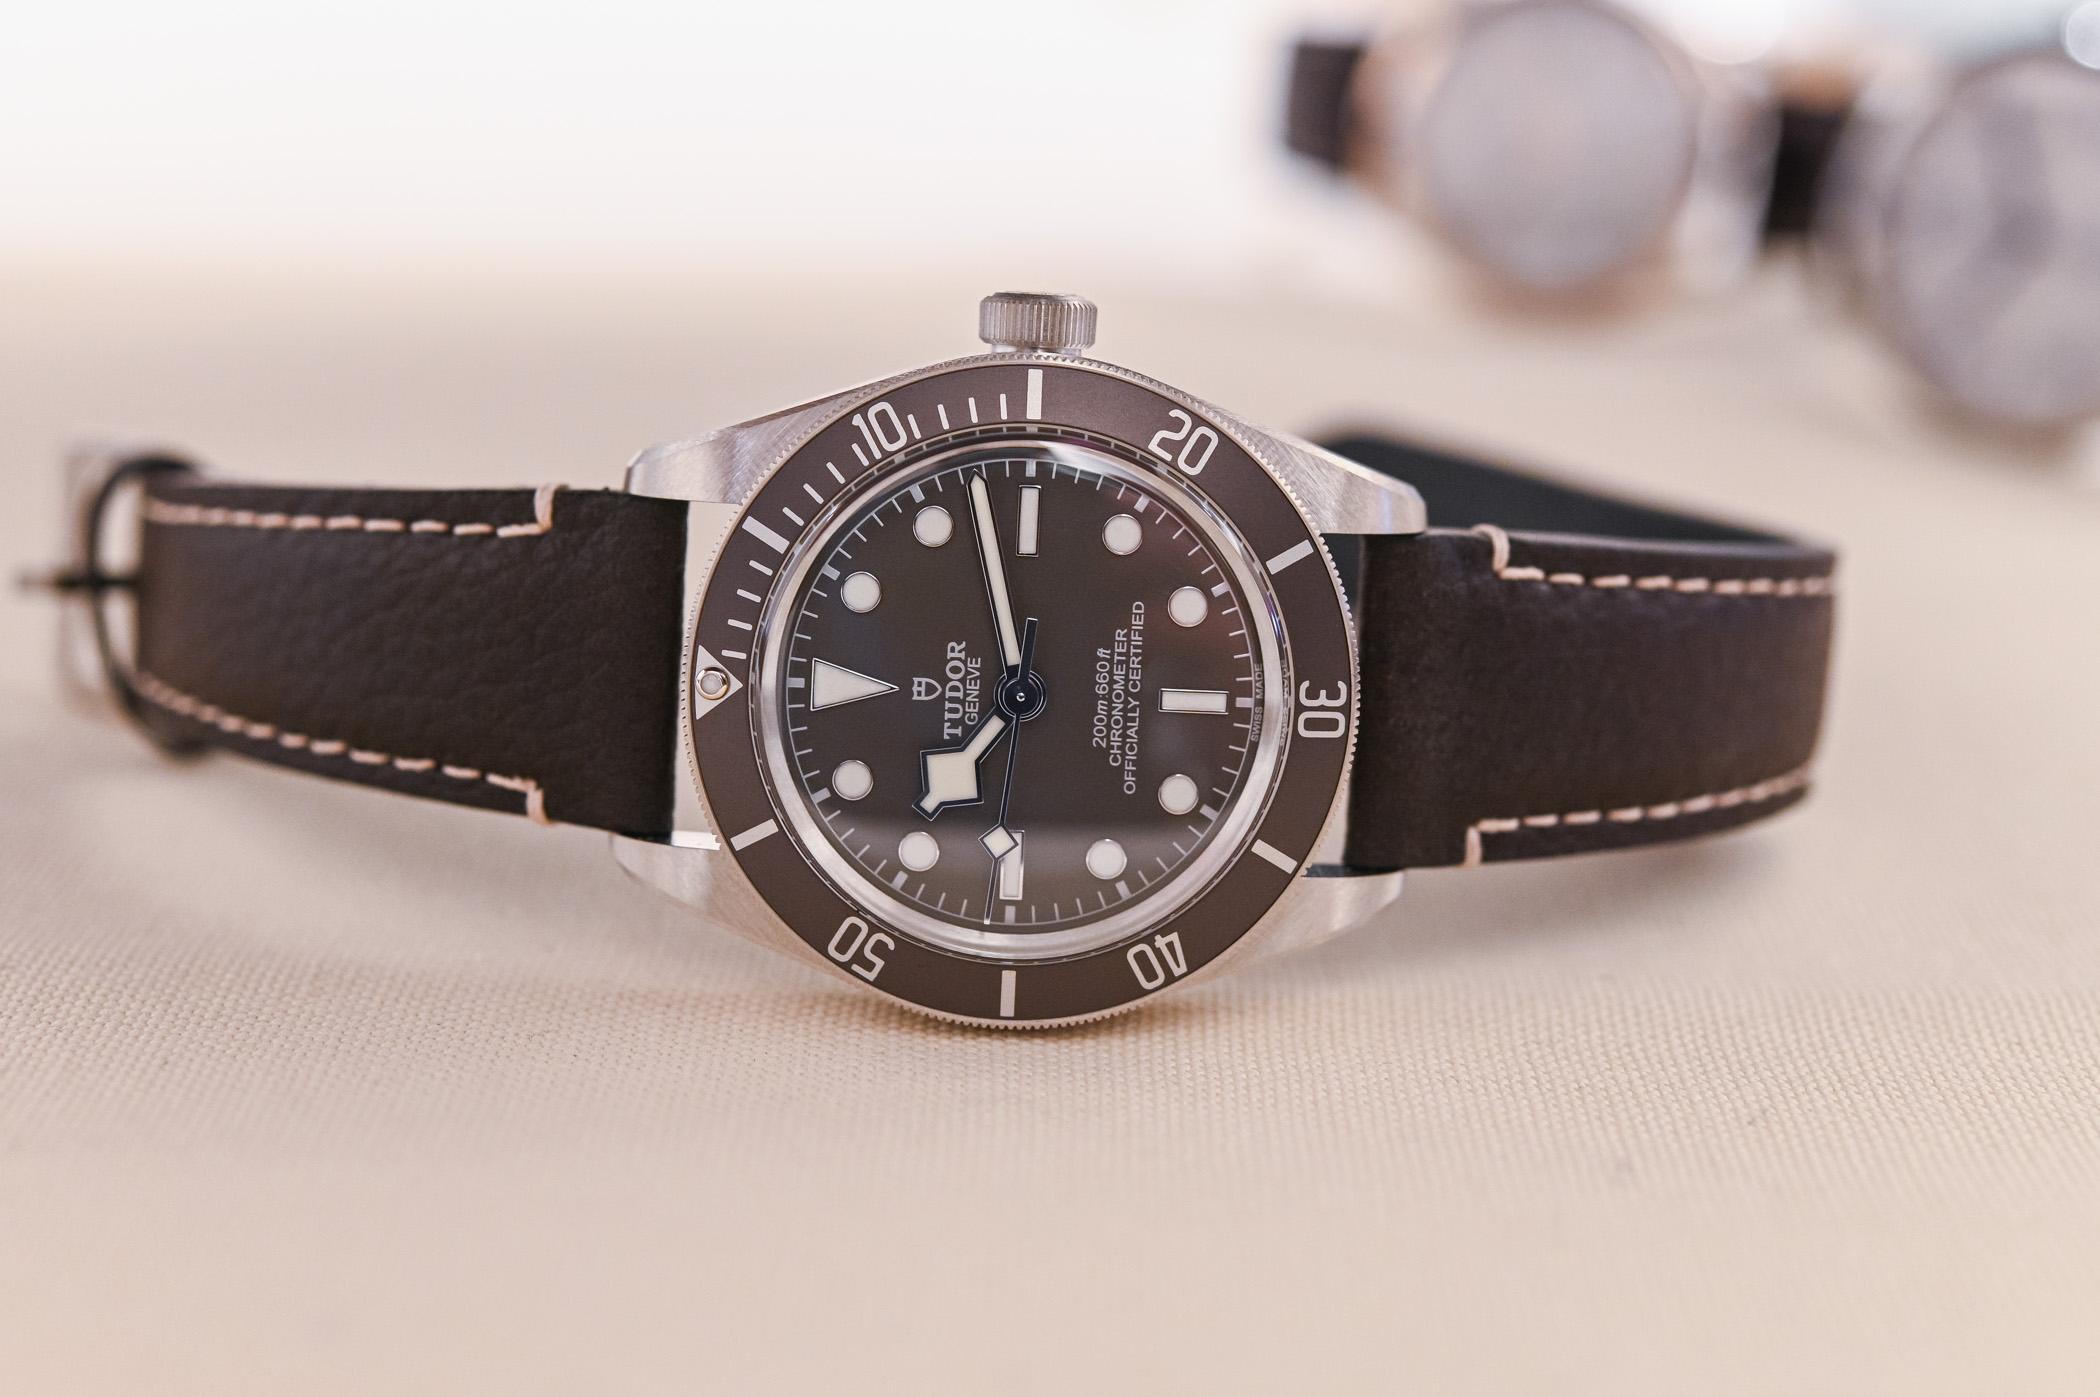 Tudor Black Bay Fifty-Eight 925 Silver Case 79010SG